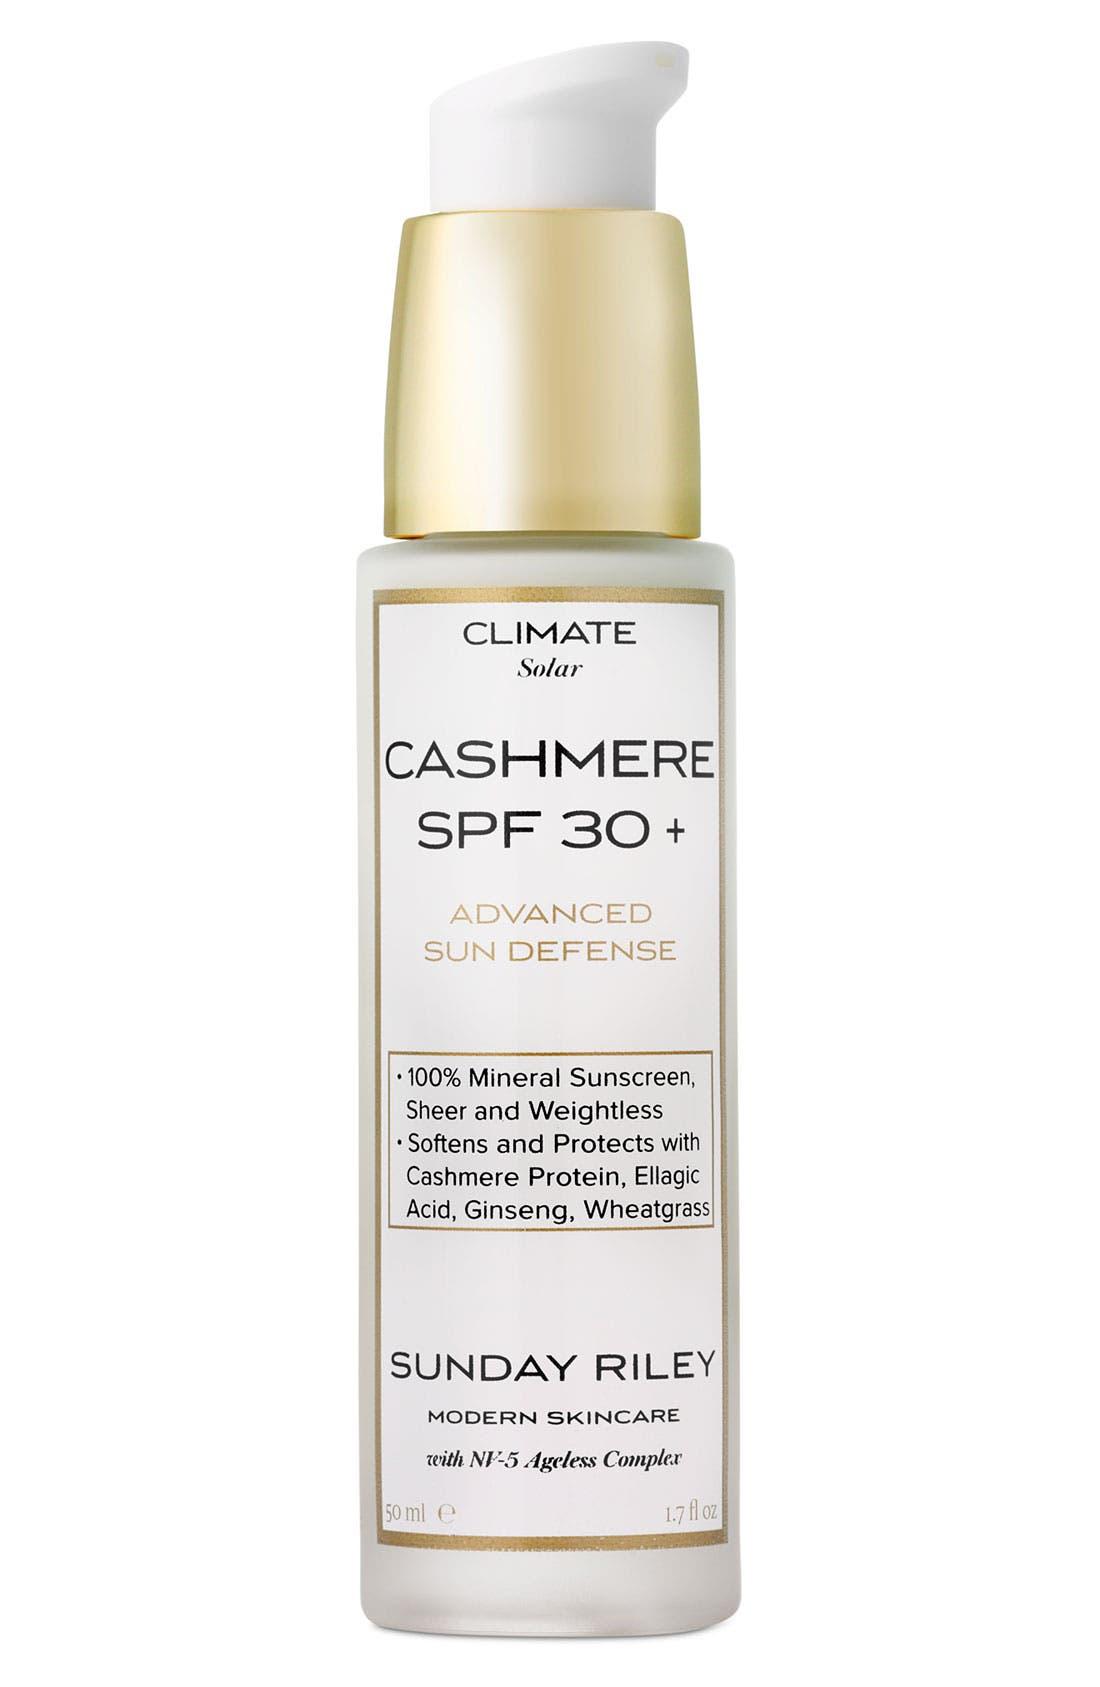 Cashmere SPF 30+ Advanced Sun Defense, Main, color, 000